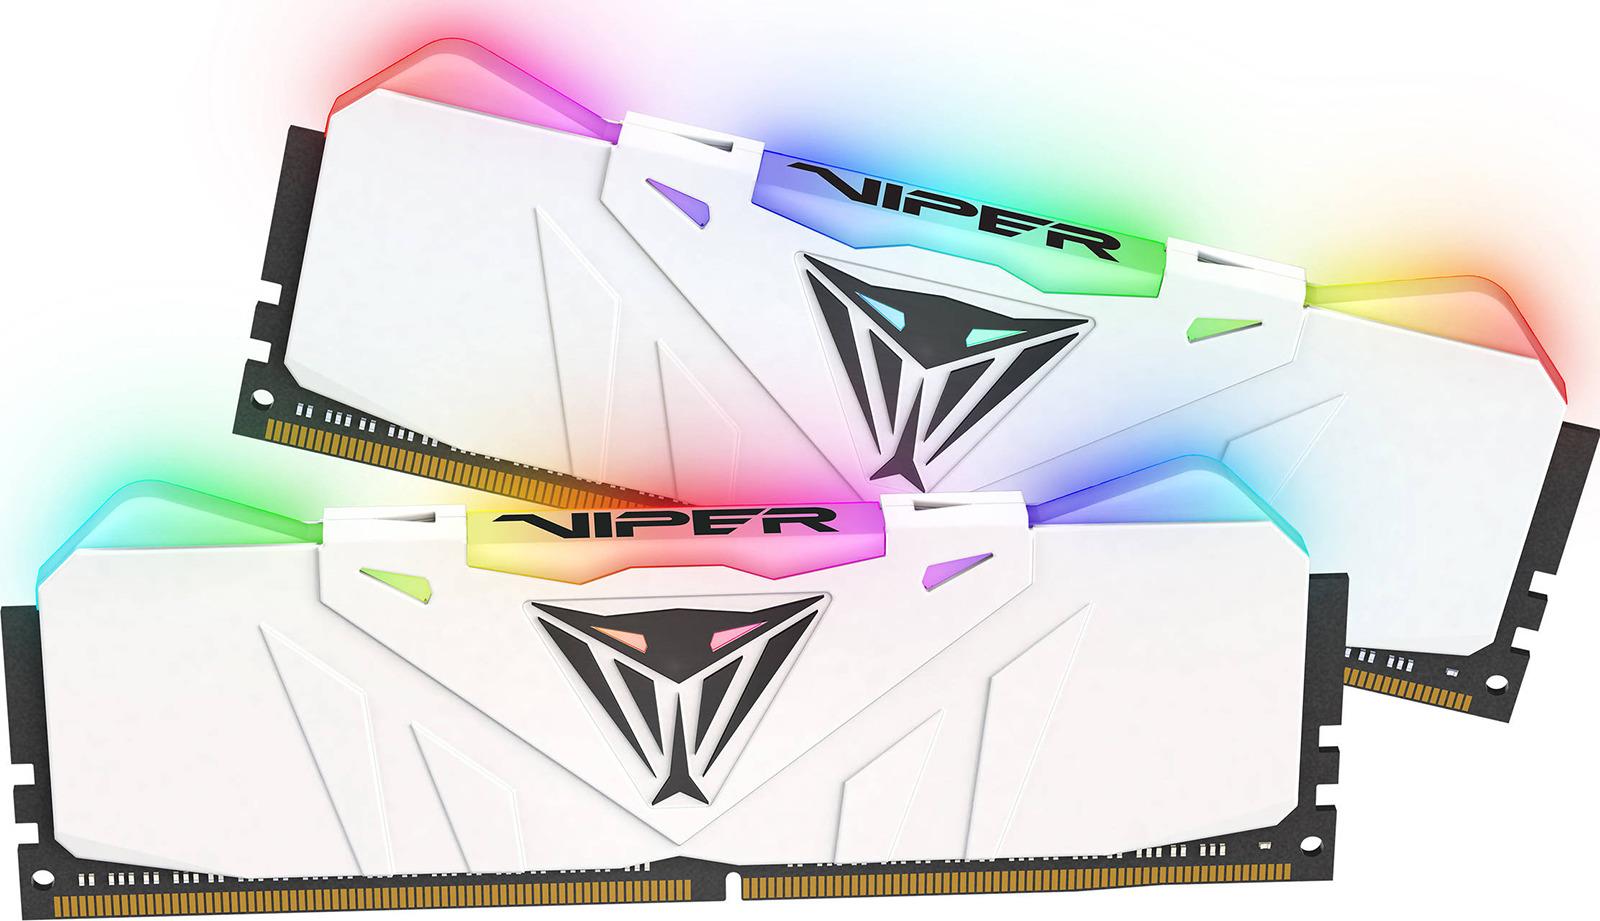 Модуль оперативной памяти Patriot DDR4 2x8Gb 3200MHz, PVR416G320C6KW модуль оперативной памяти crucial single rank ddr4 8gb 2400мгц